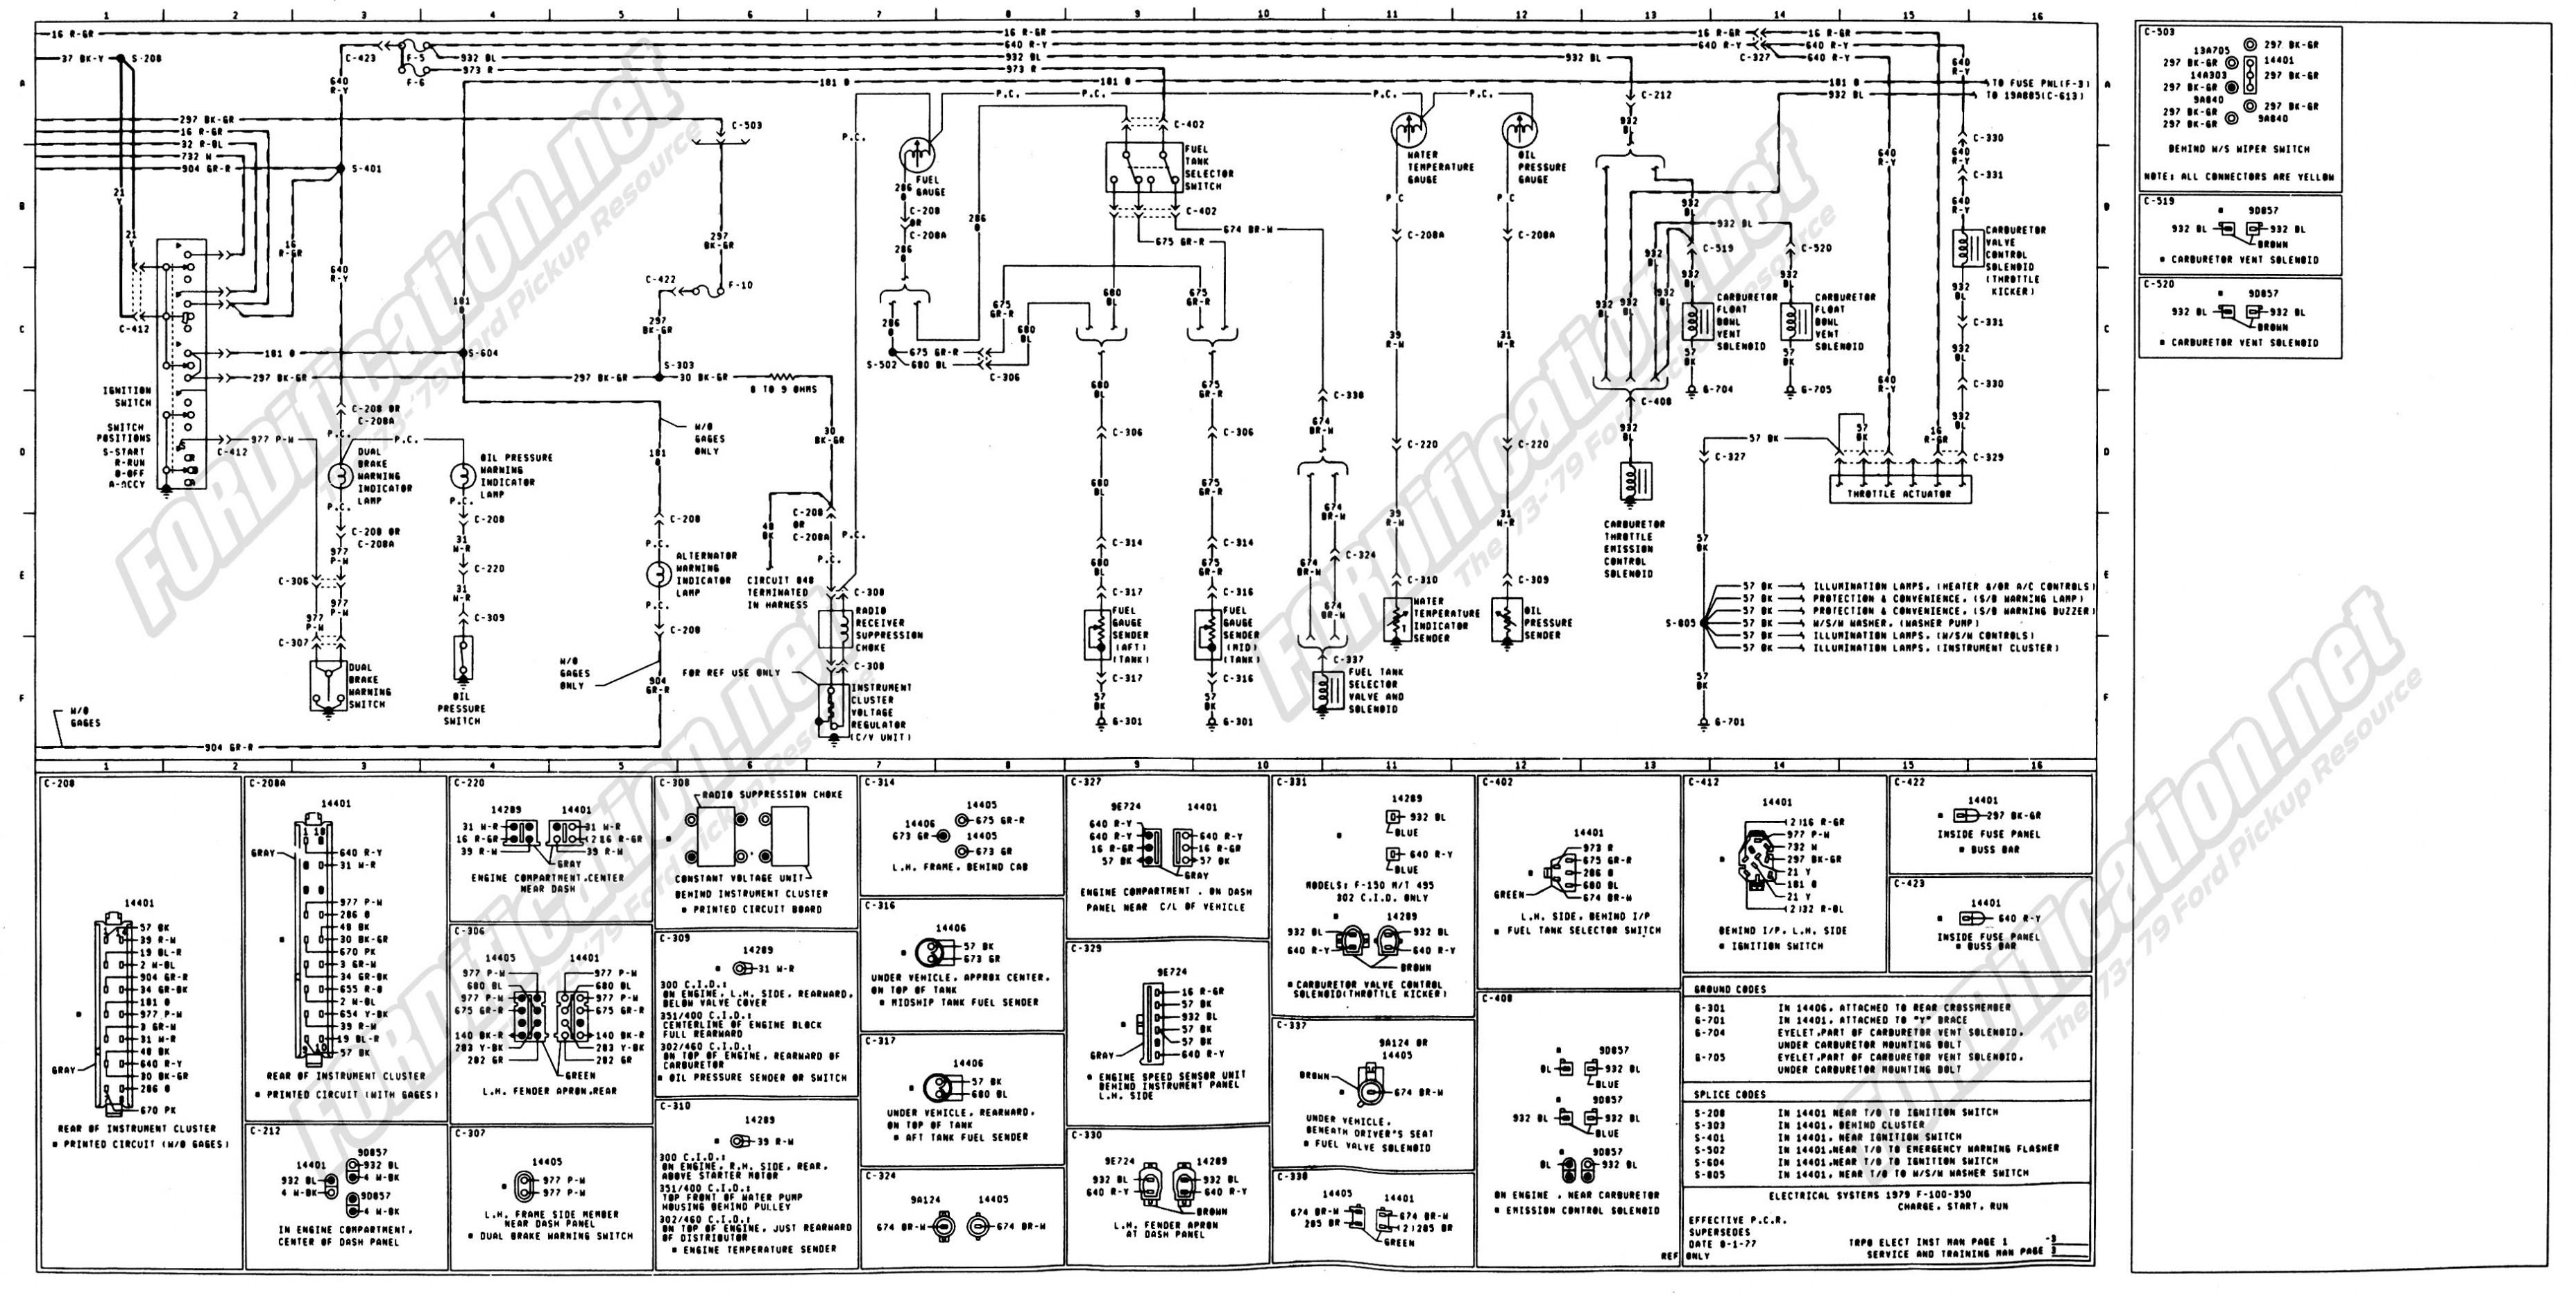 2001 Ford 7 3 Liter Diesel Engine Diagram F250 3l Wiring Powerstroke 1973 1979 Truck Diagrams Schematics